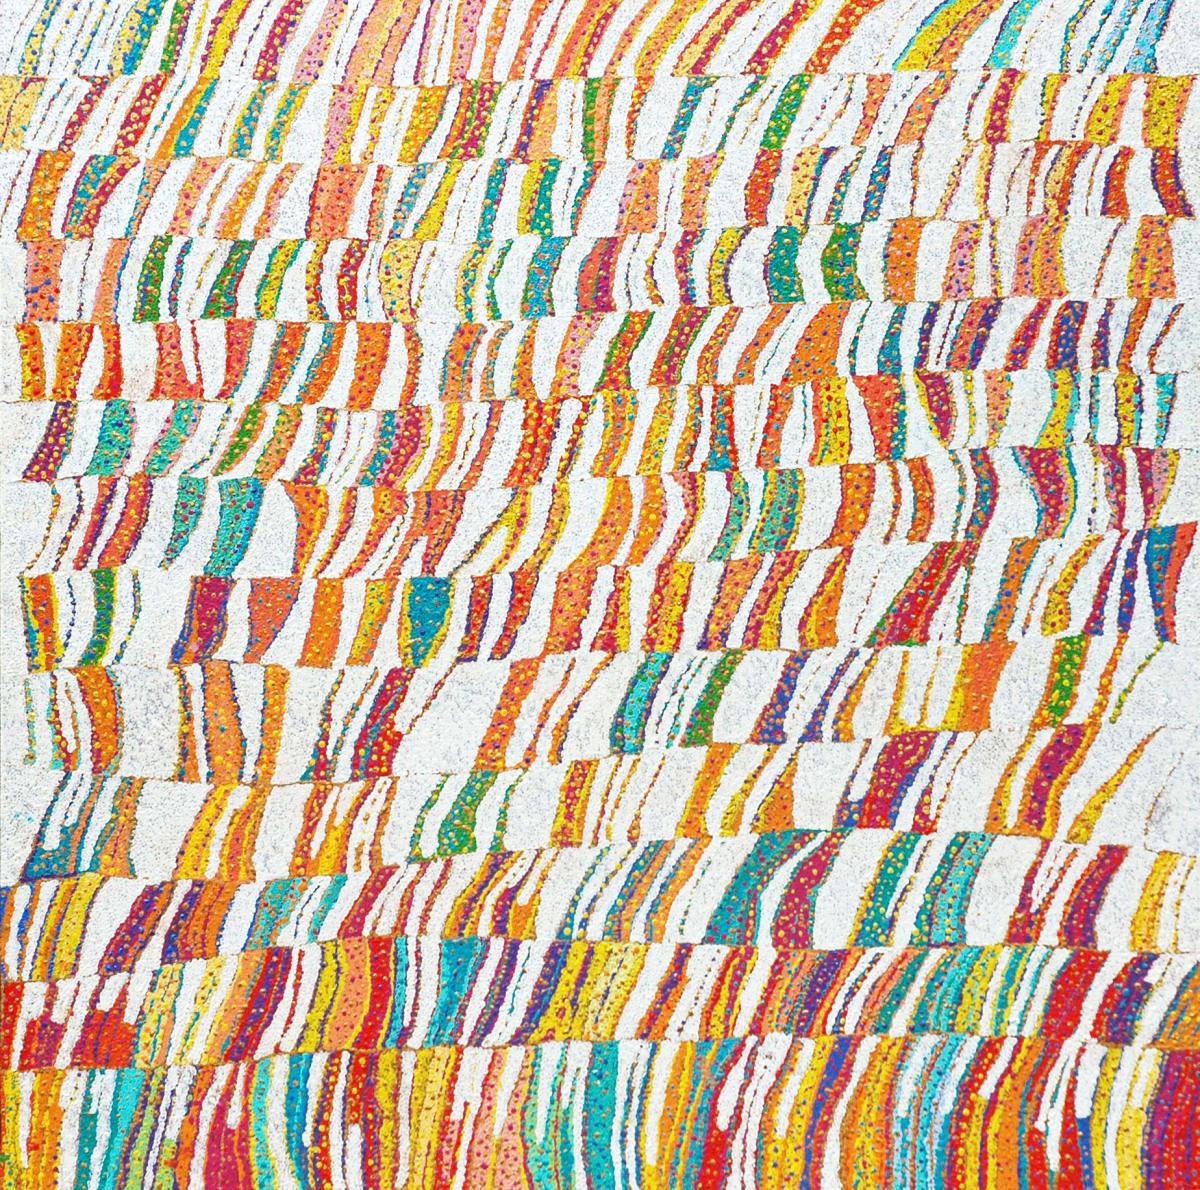 Daniel Walbidi Kirriwirri acrylic on linen 106 x 106 cm